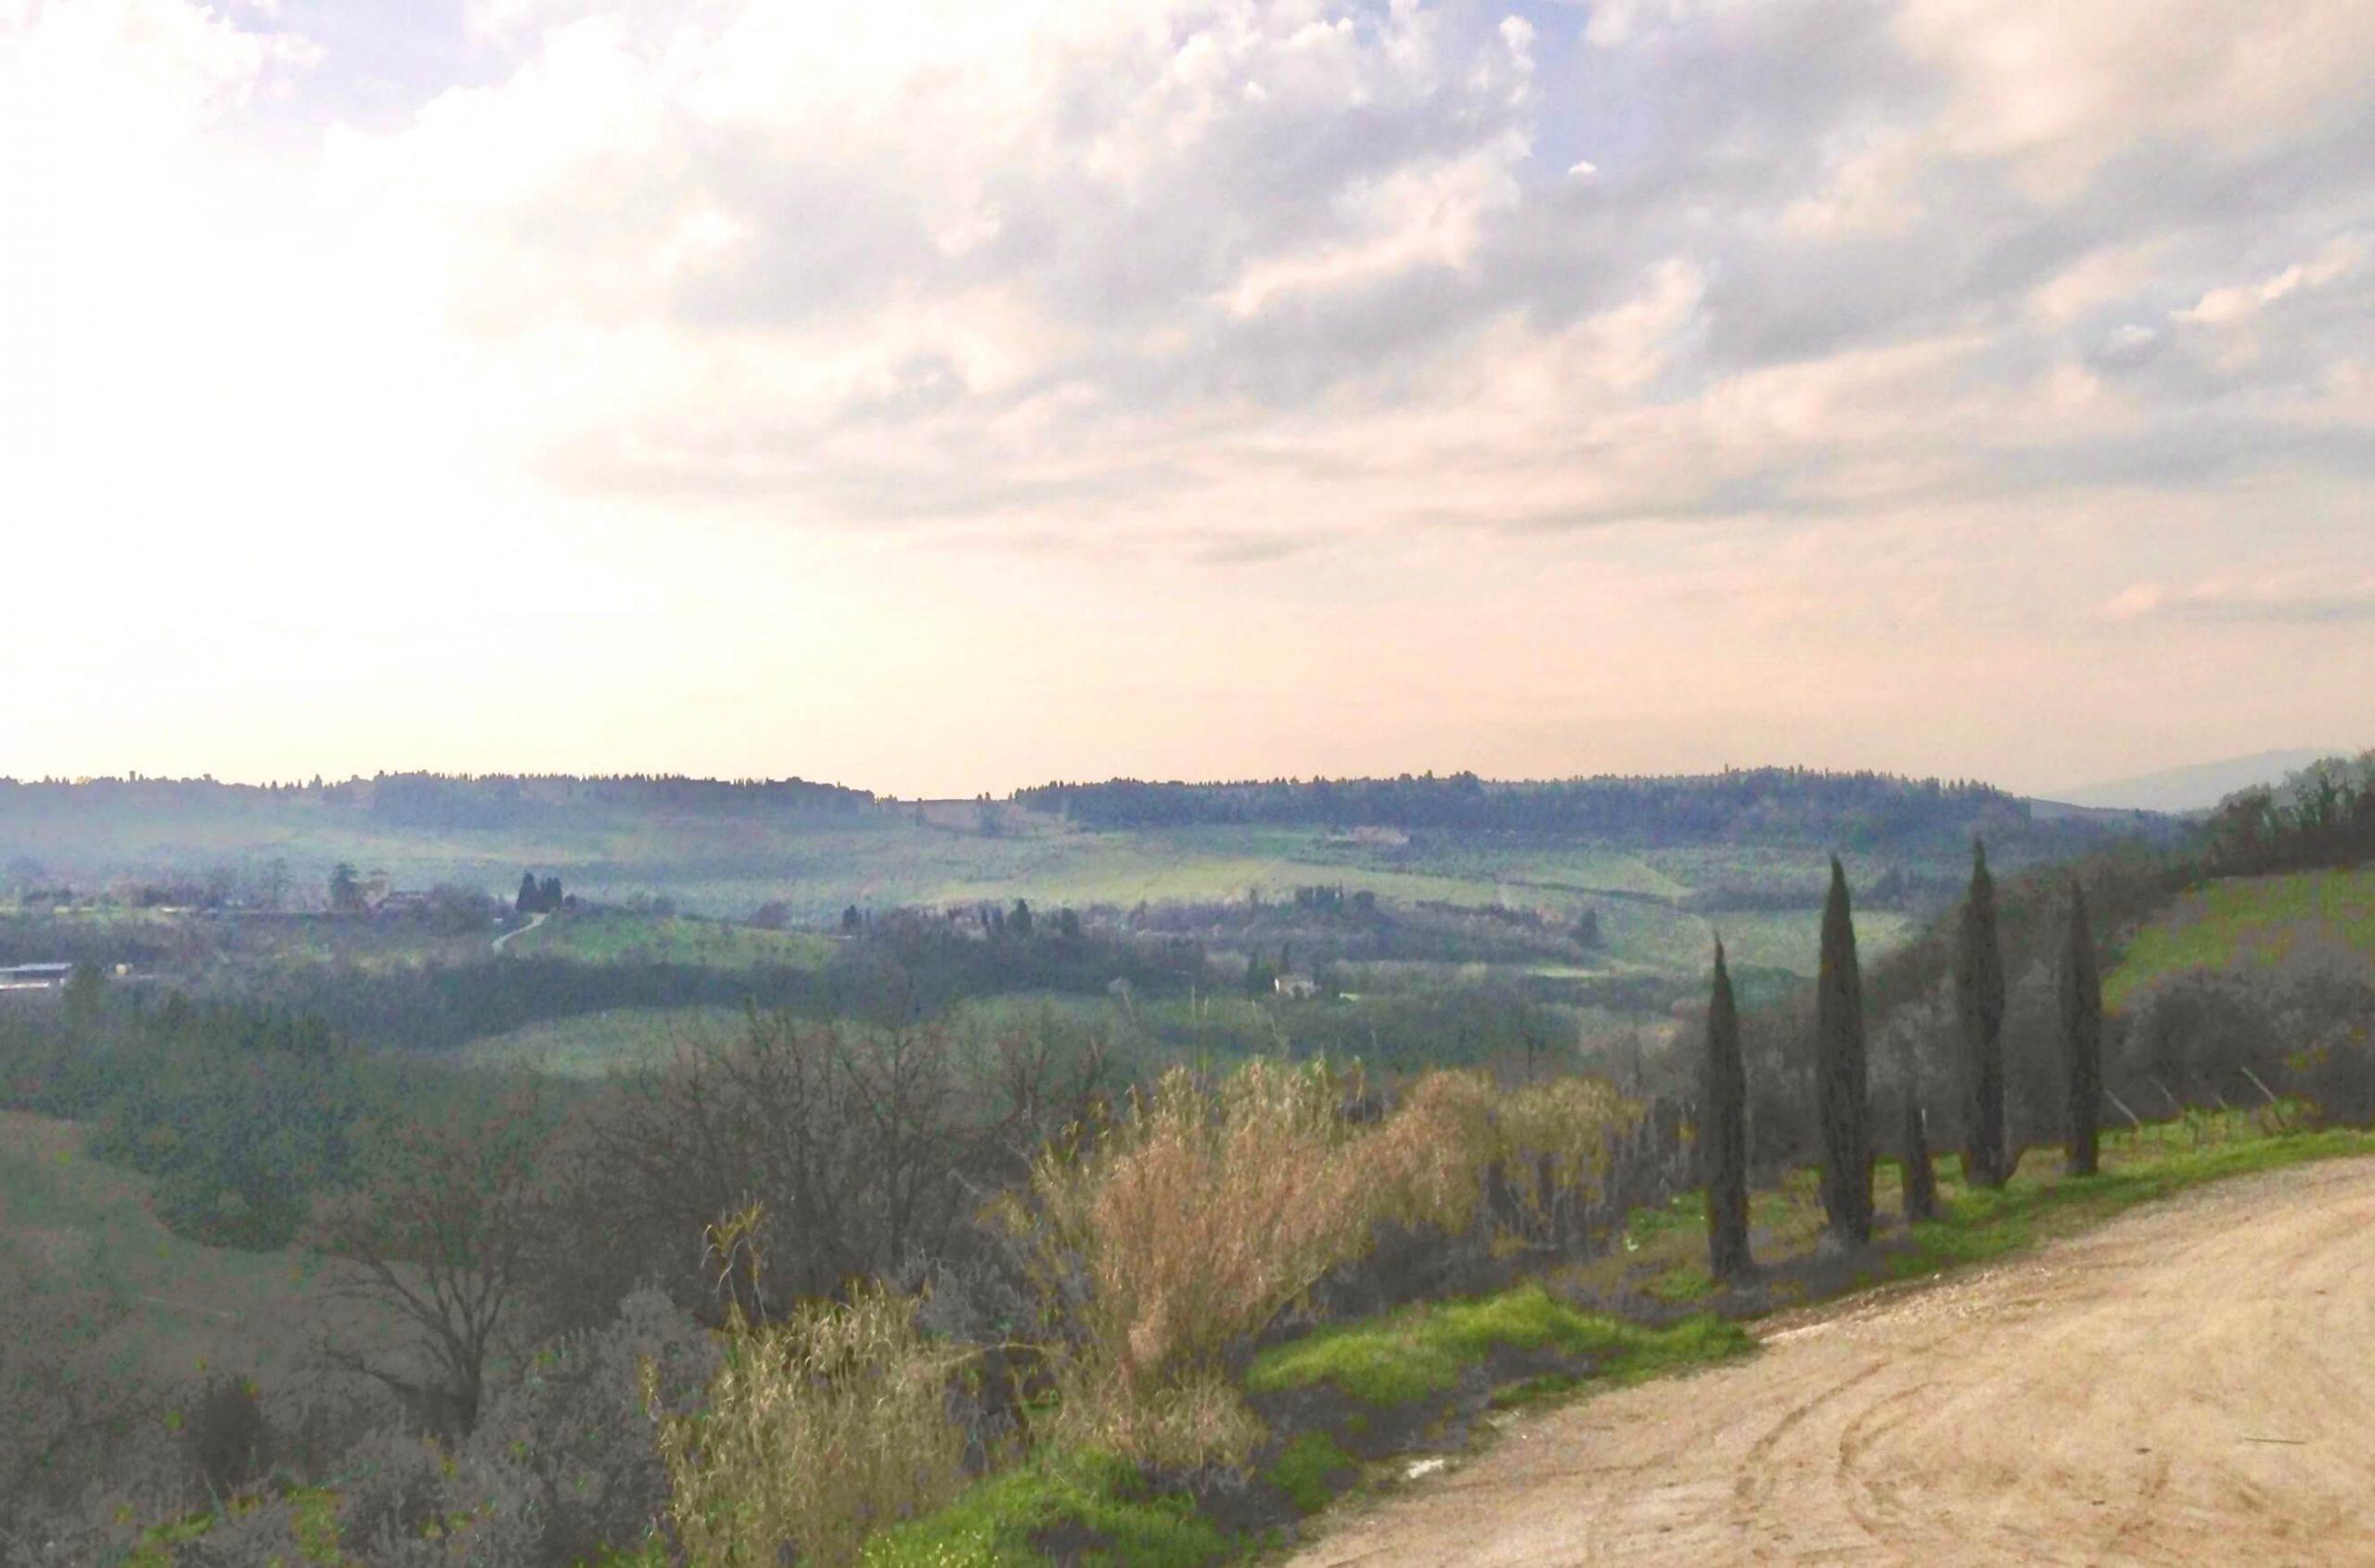 Tuscan landscape with cypress trees, countryside surrounding Fattoria Corzano e paterno